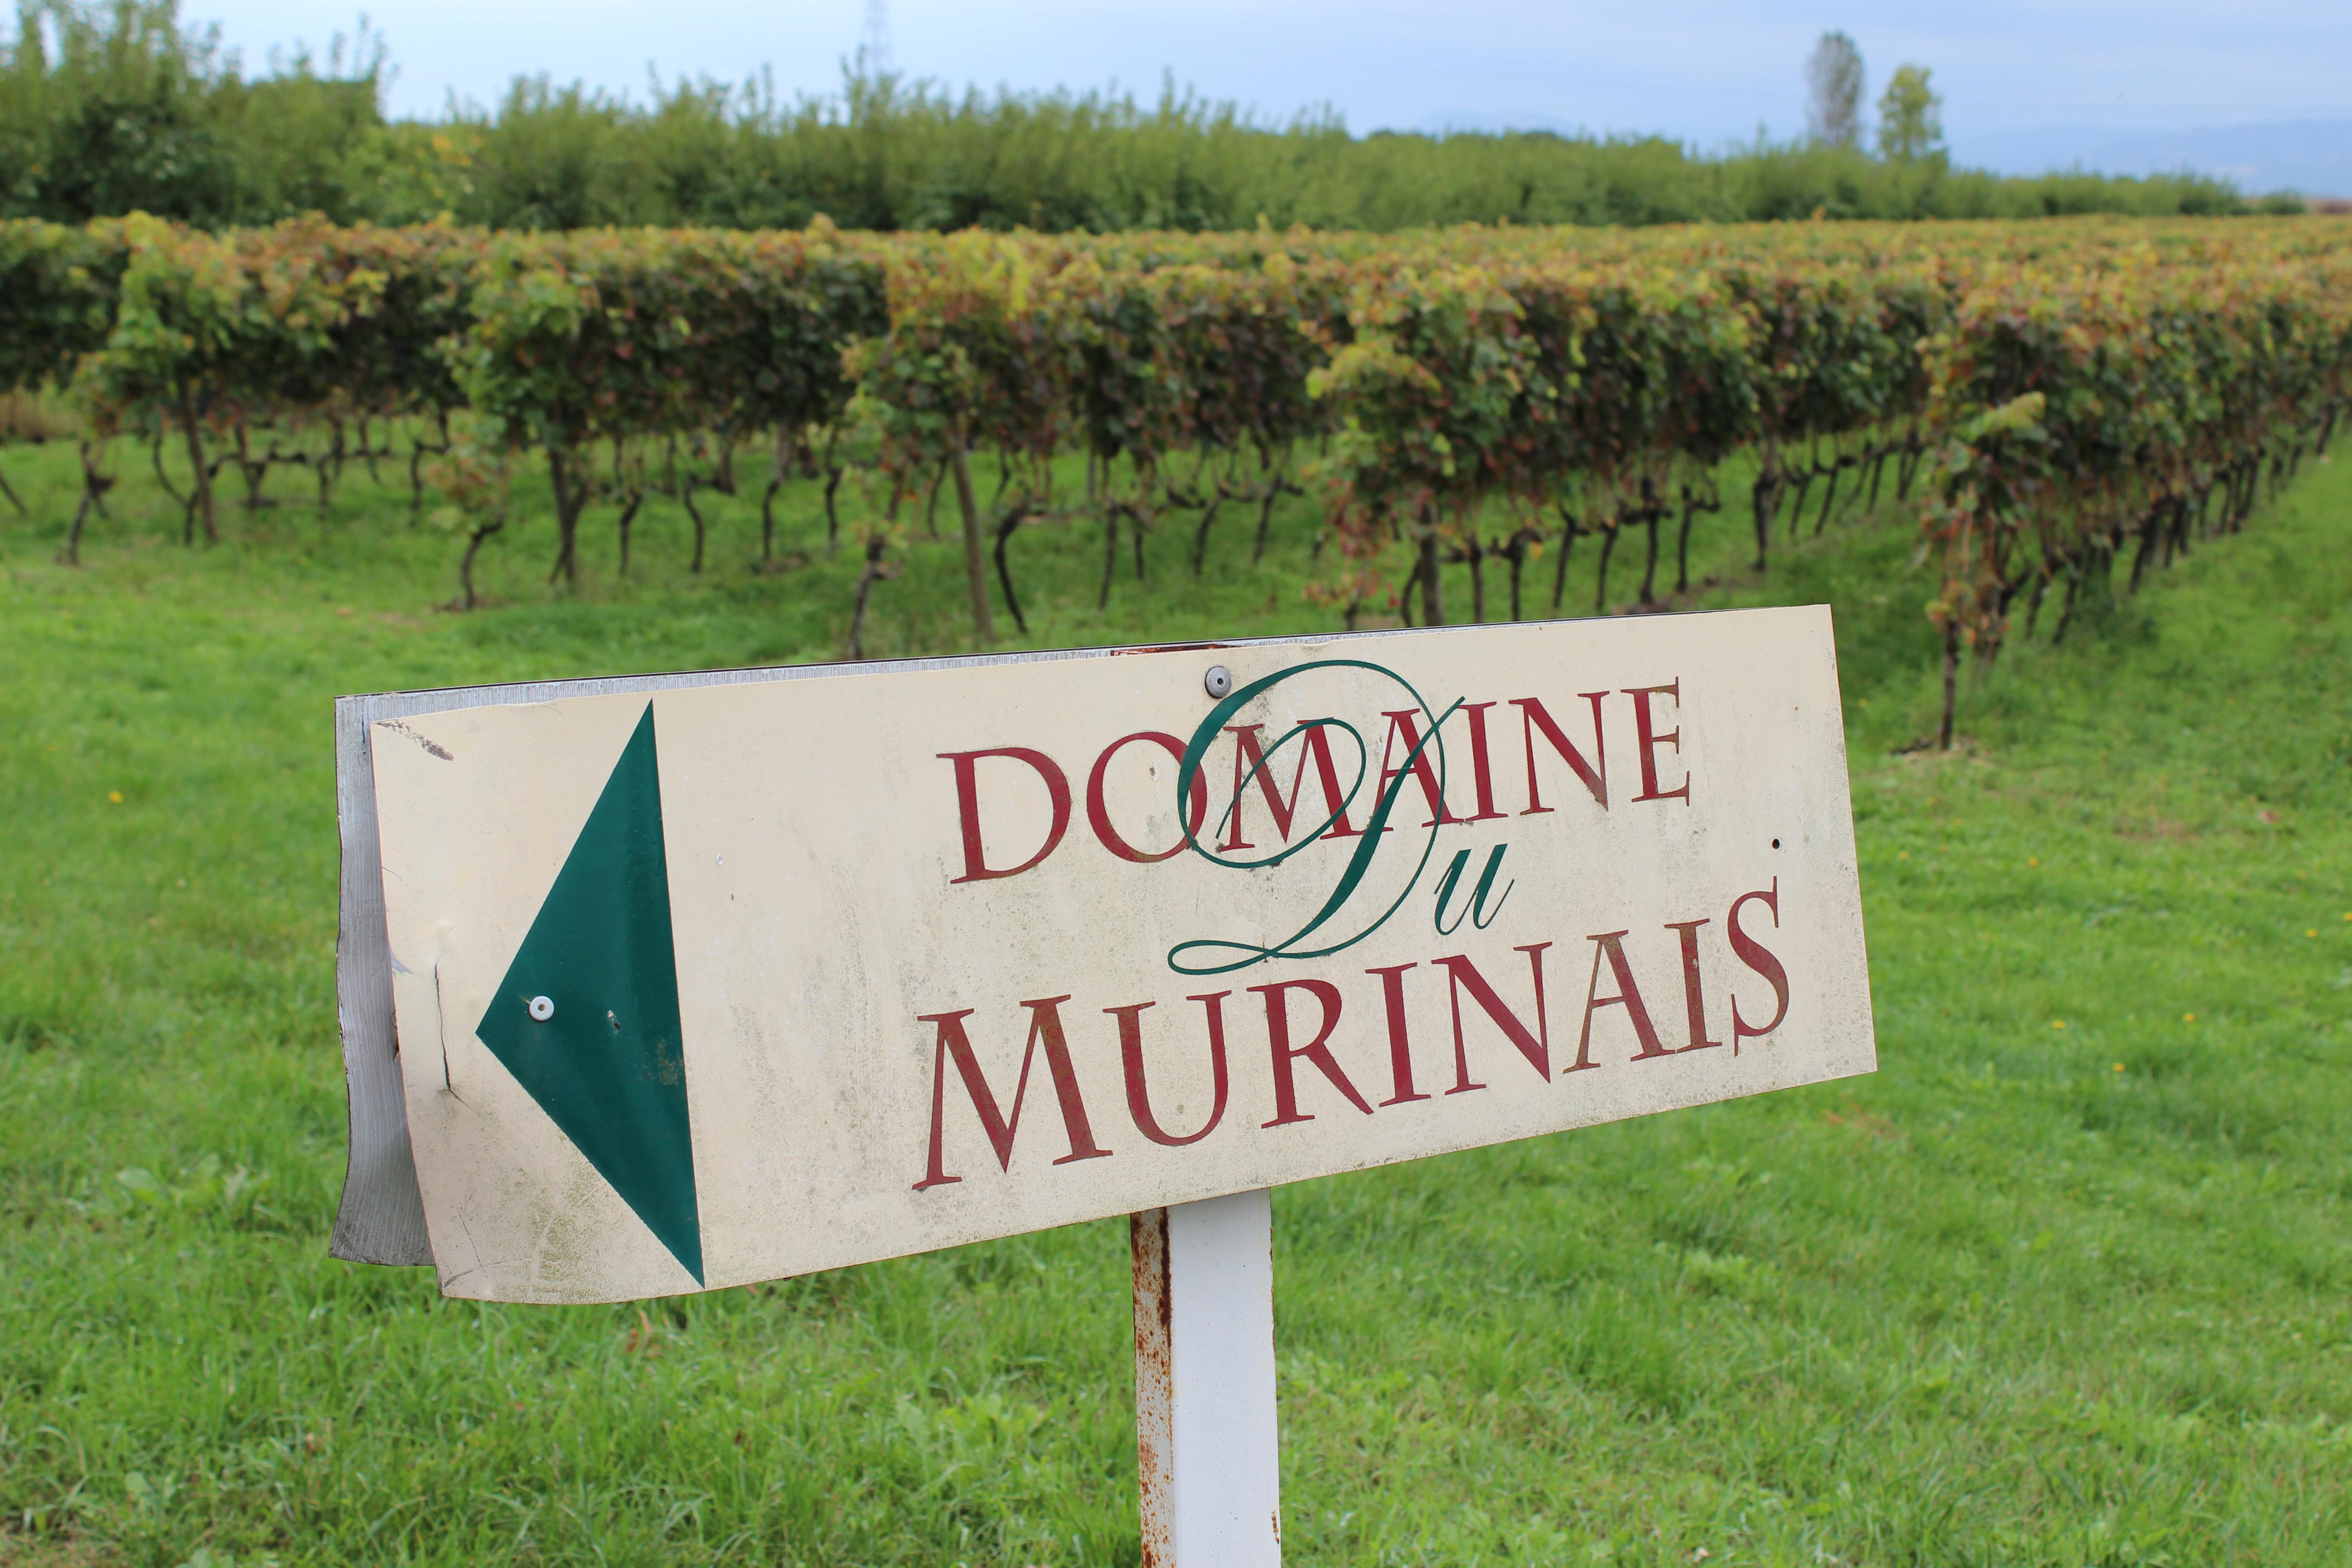 Domaine du Murinais